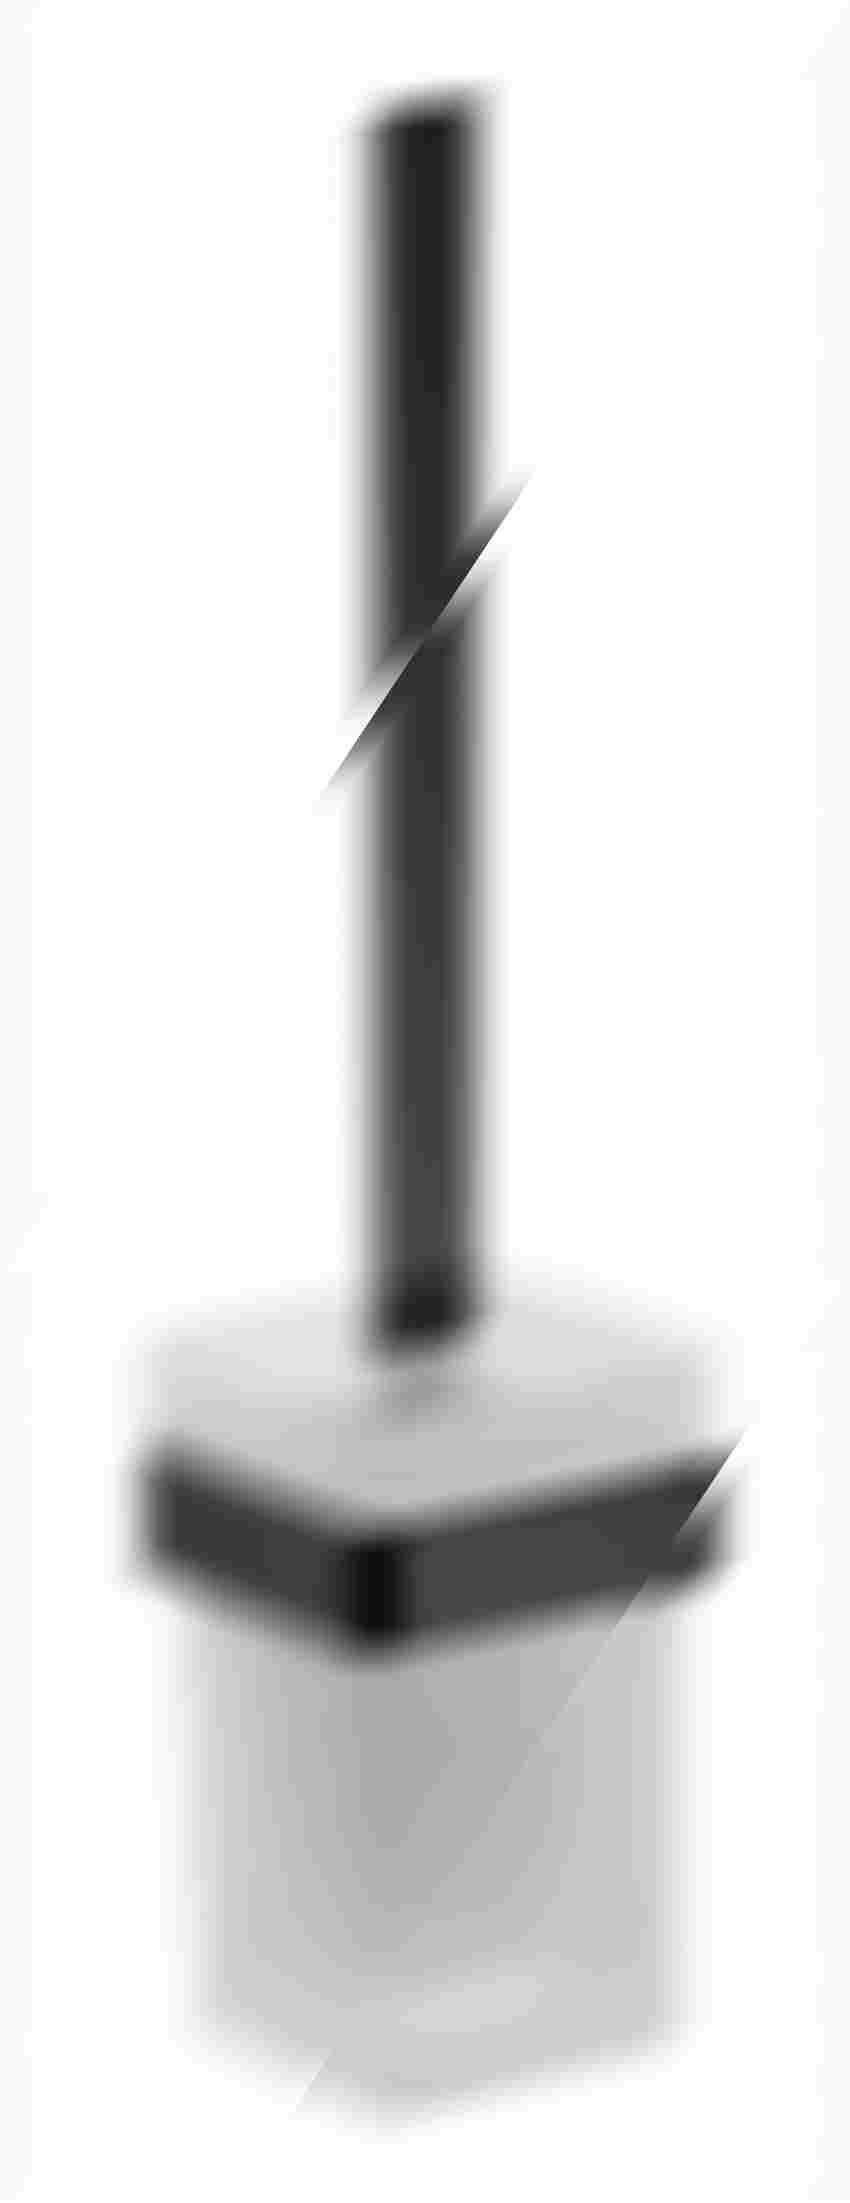 EMCO-Loft-szczotka-do-WC-wiszaca-CZARNA-051513300.jpg